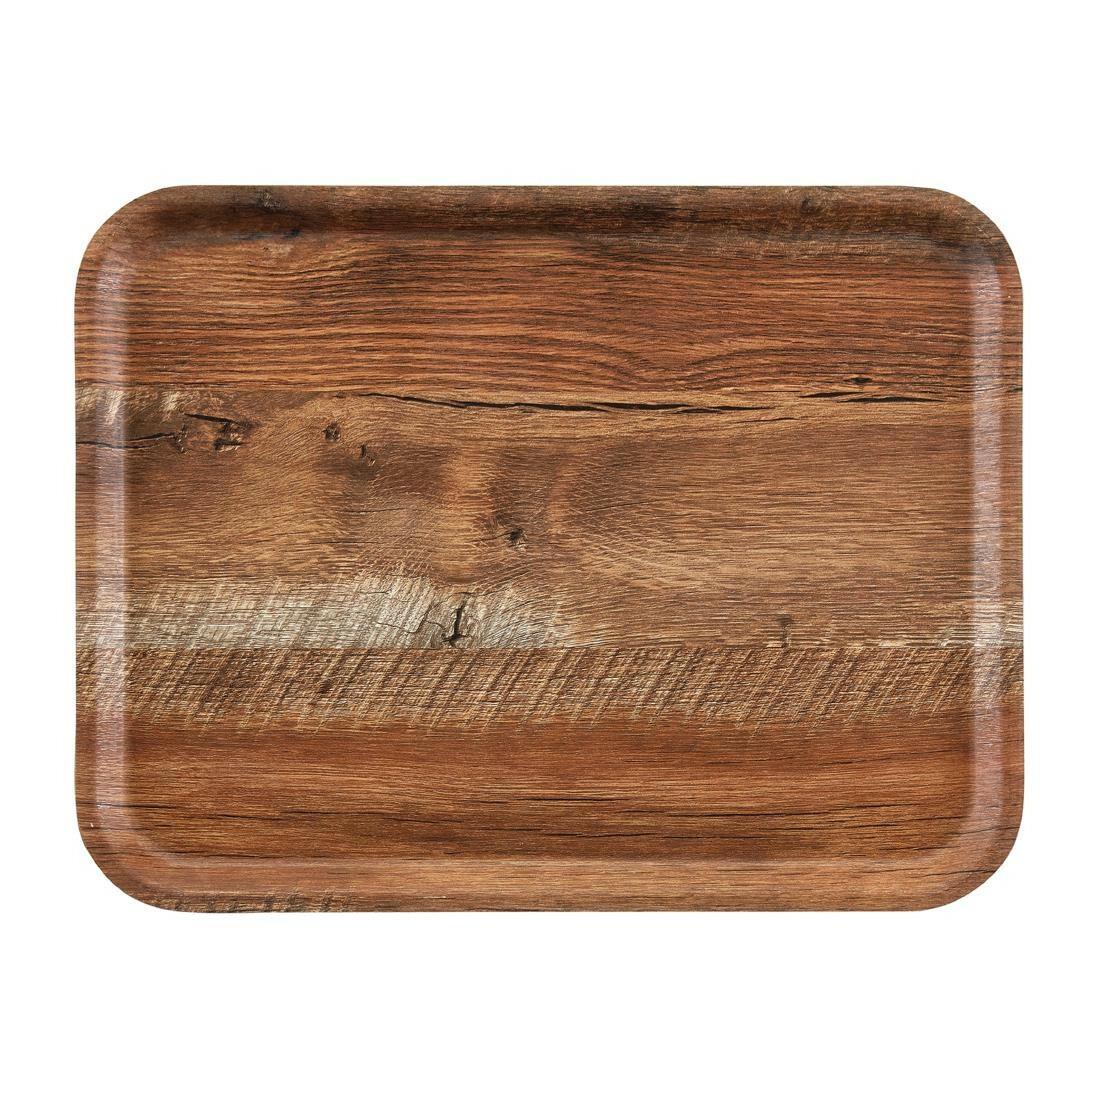 Cambro rechthoekig dienblad bruin eiken 43 x 33 cm